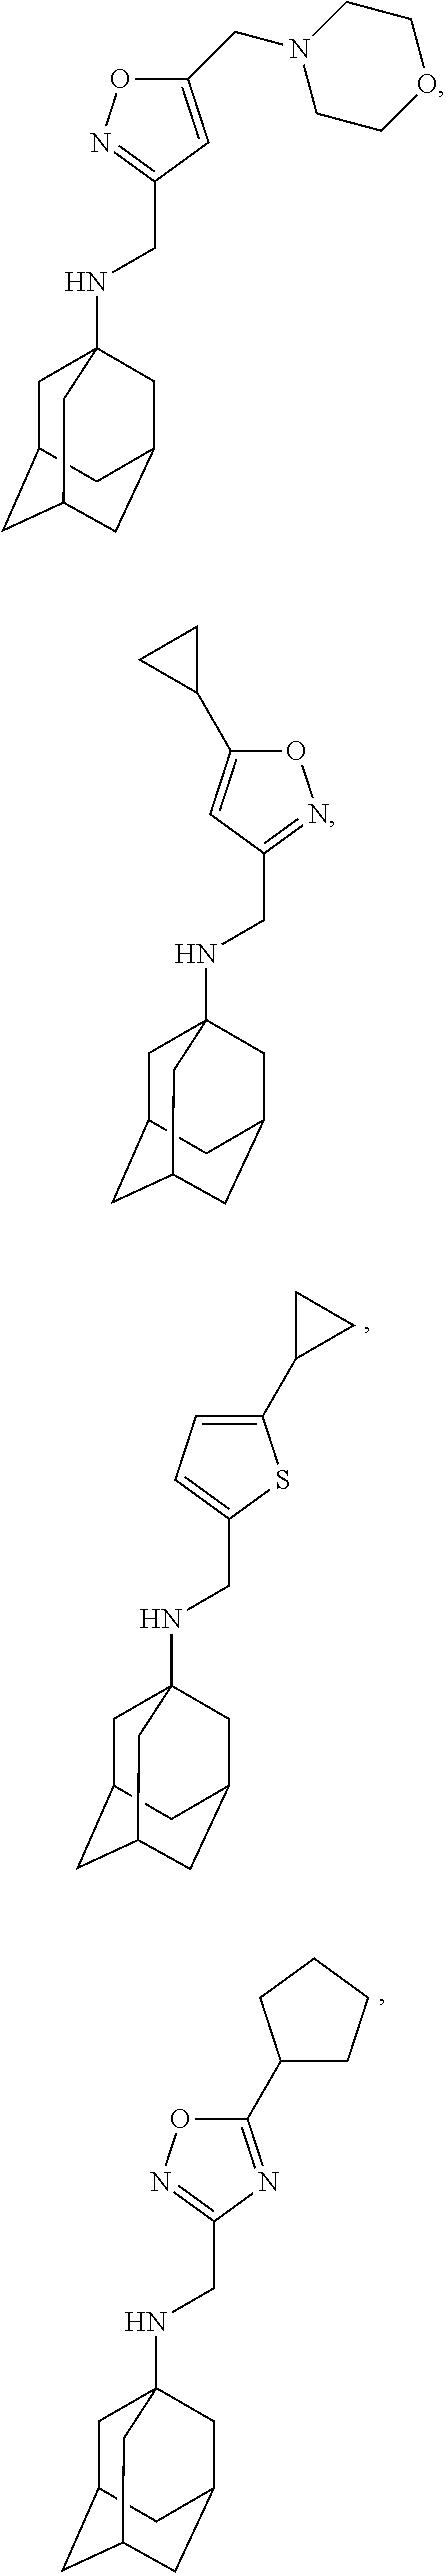 Figure US09884832-20180206-C00151